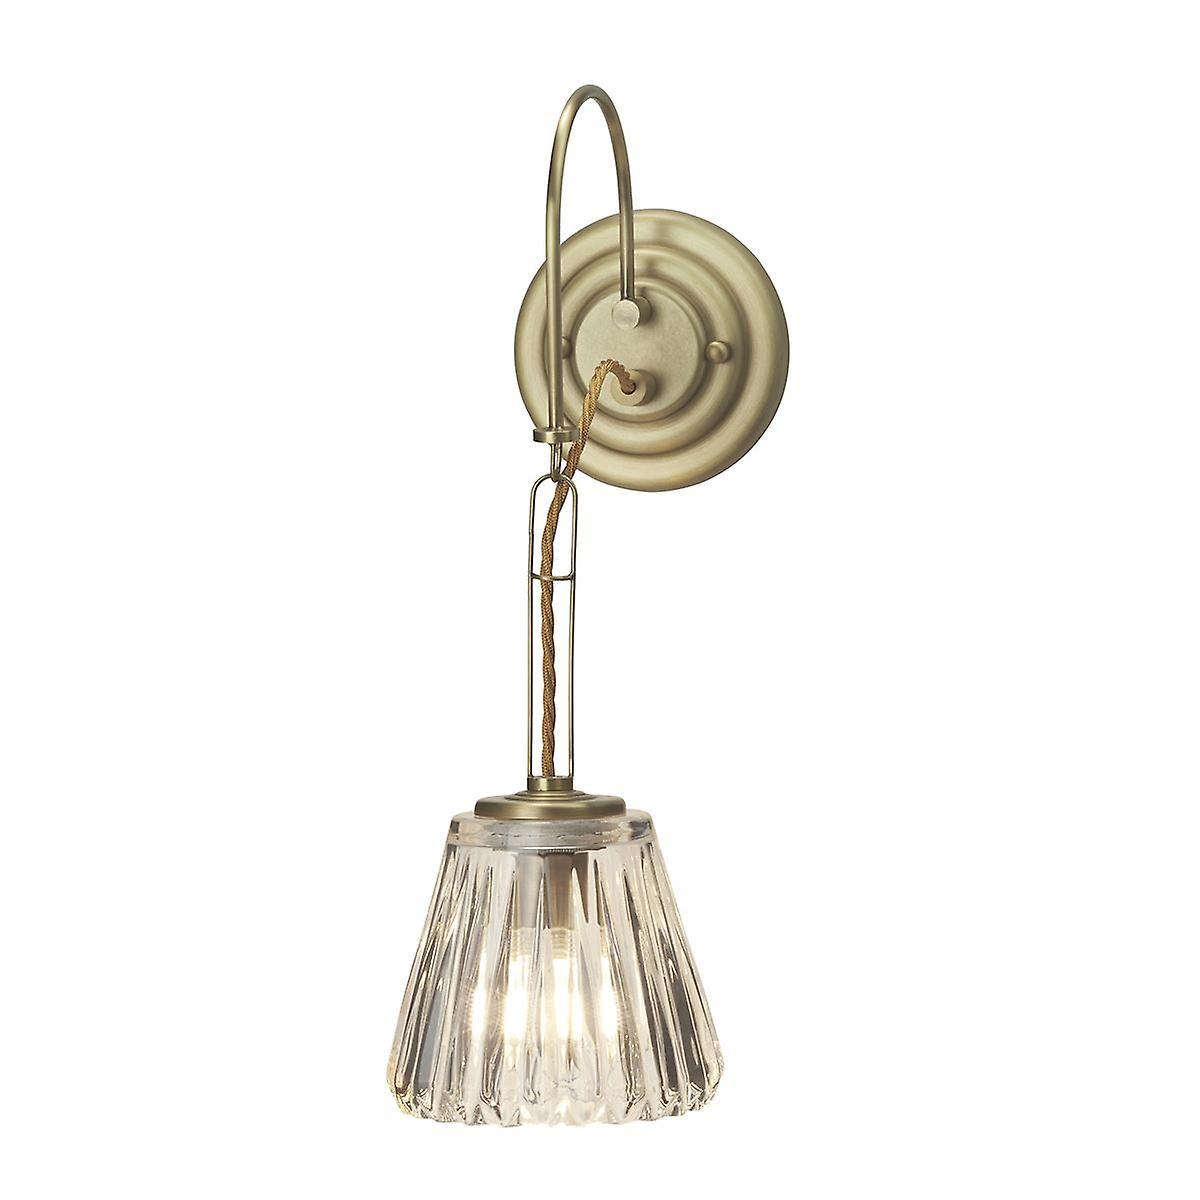 Elstead - 1 Light Wall Light - Brushed Brass - BATH DEMELZA BB